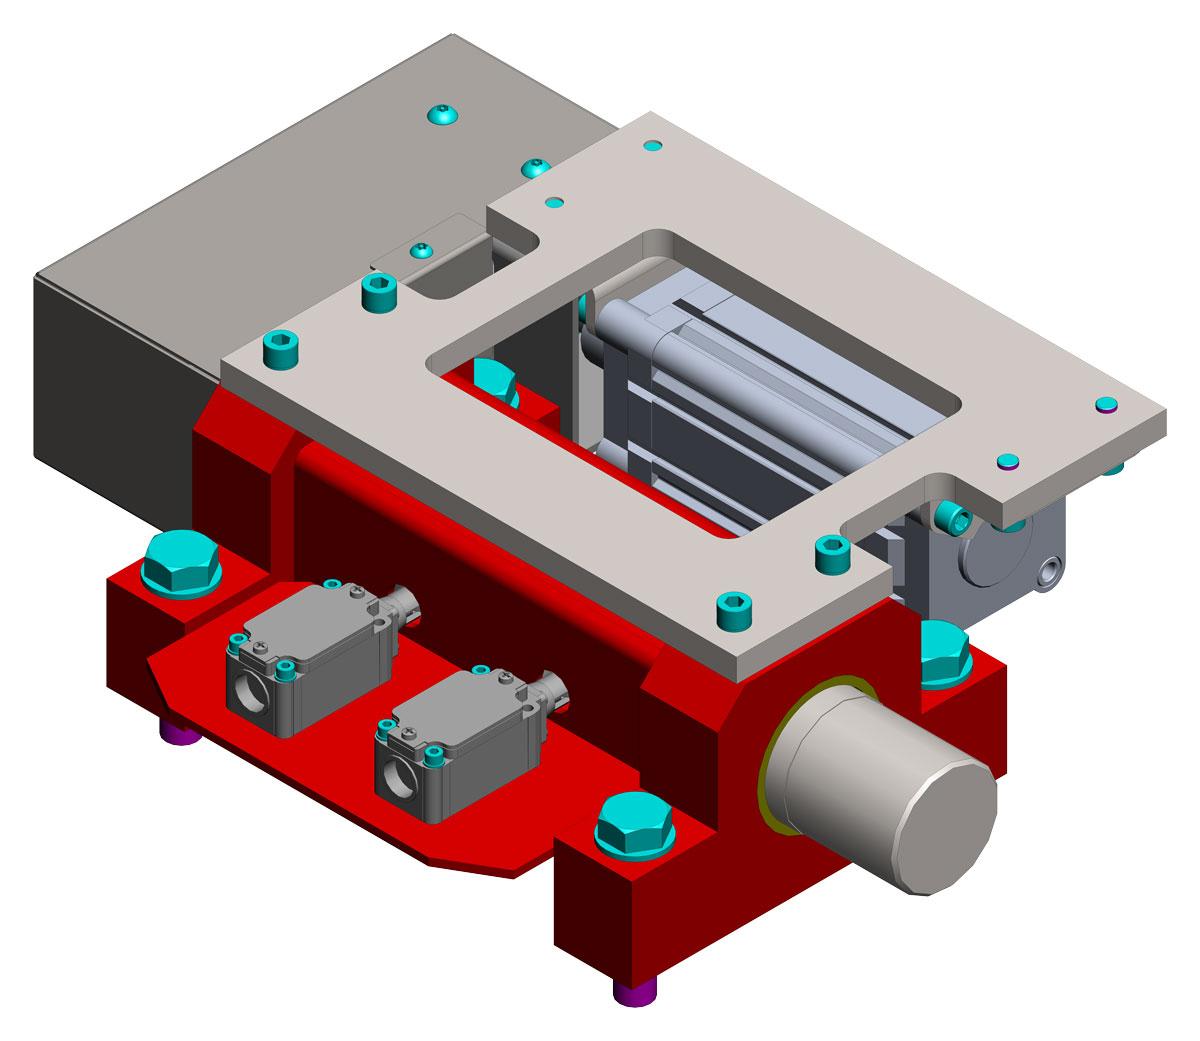 Beliebt Bevorzugt Buhl Maschinenbau e.K. | Verriegelungssysteme - Pneumatisch @FE_24